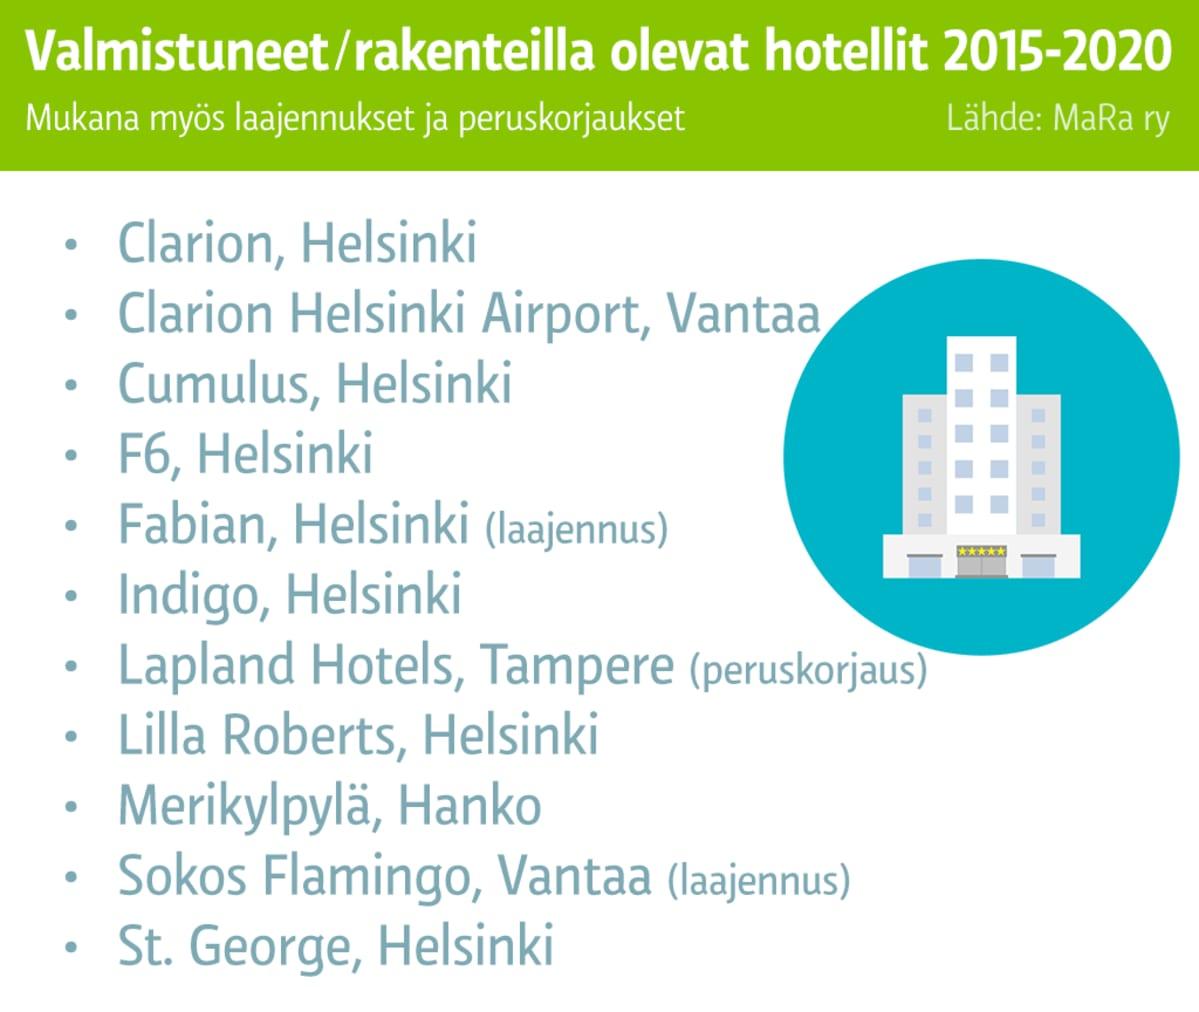 Lista valmistuneista/rakenteilla olevista hotelleista Suomessa 2015-2020.